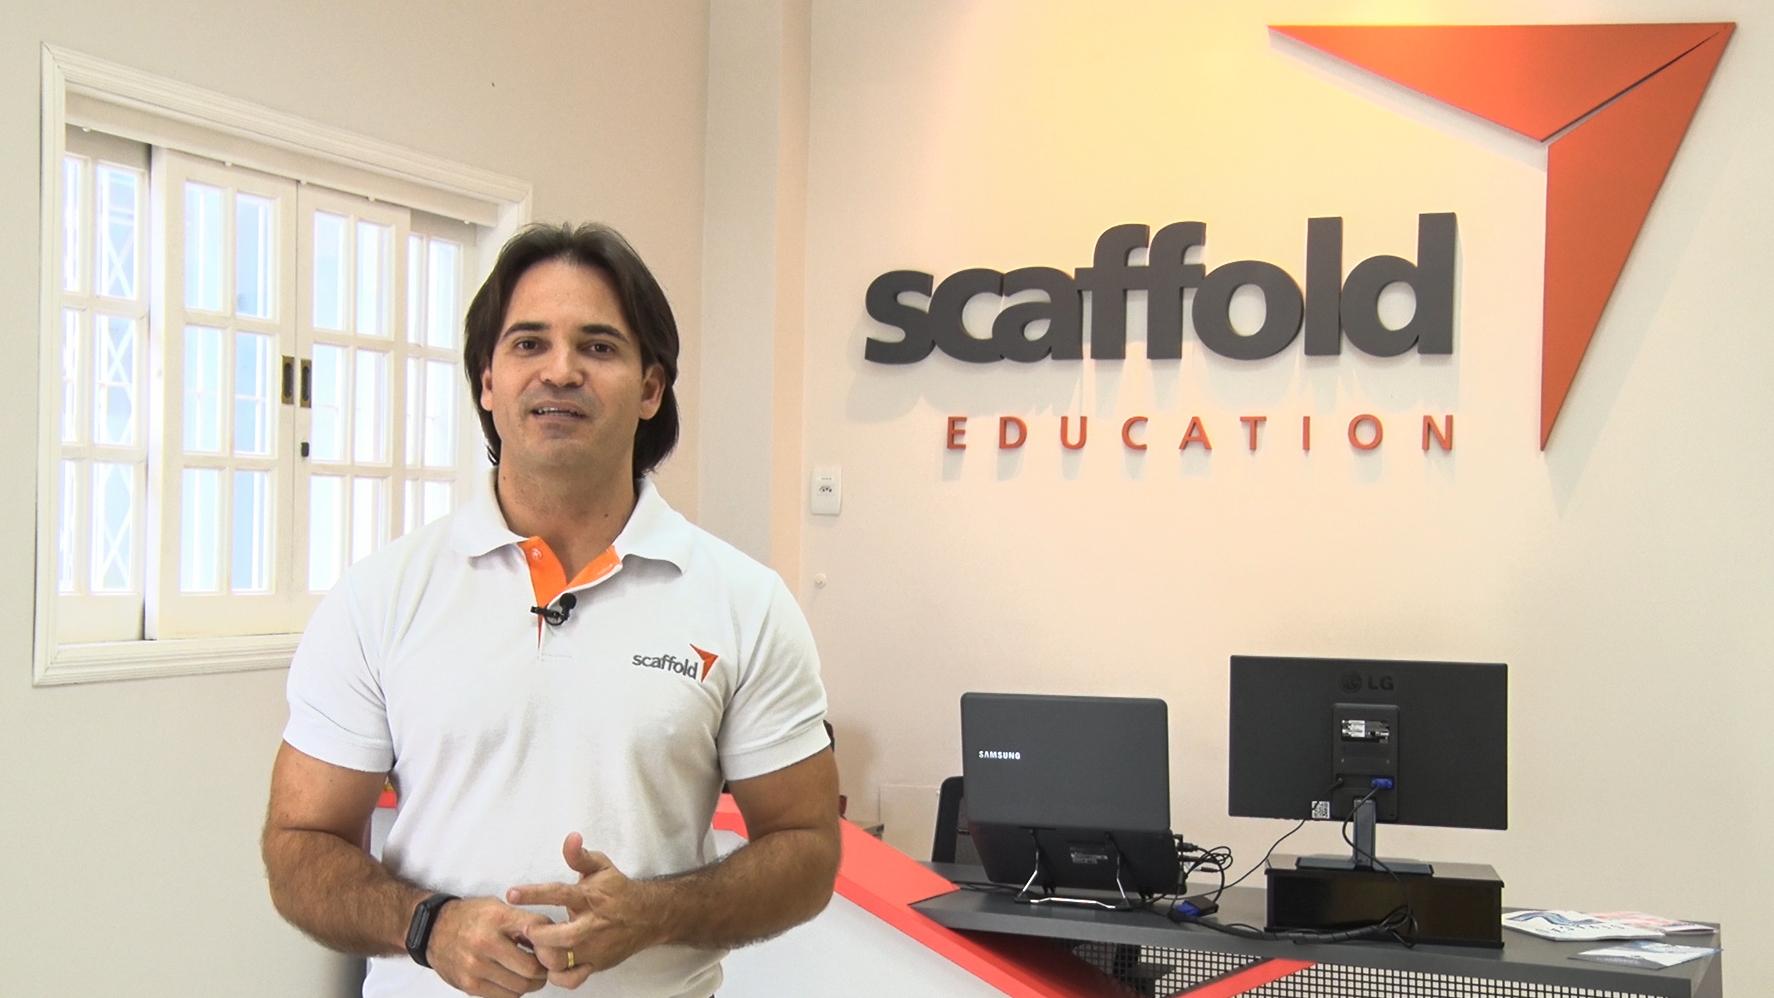 Representante da startup Scaffold Education está de pé, ao lado do logotipo da empresa, que está aplicado em uma parede